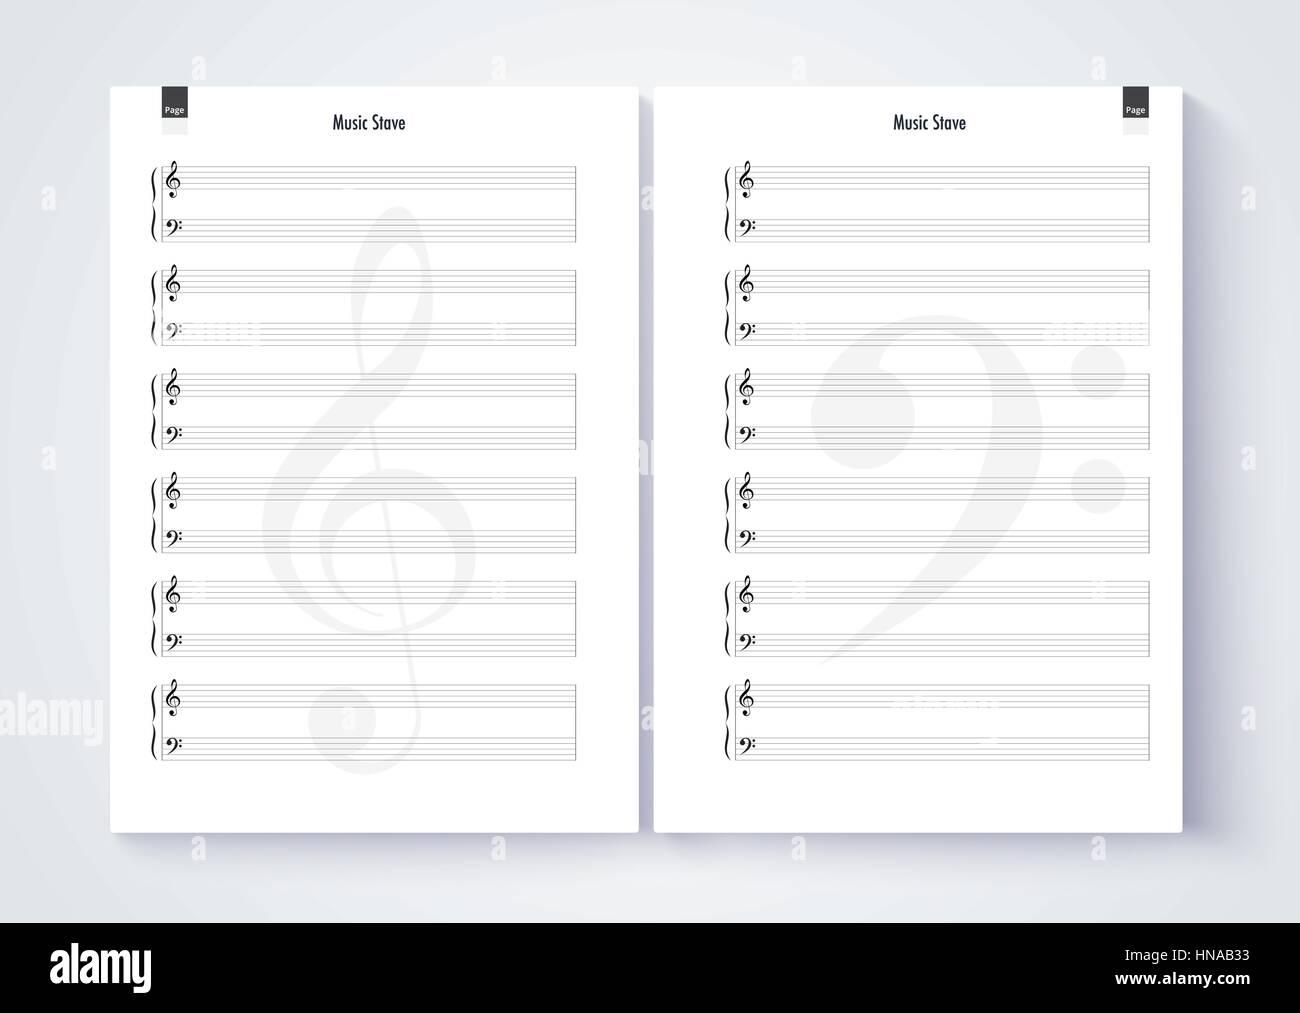 music paper template - gerhard-leixl.tk